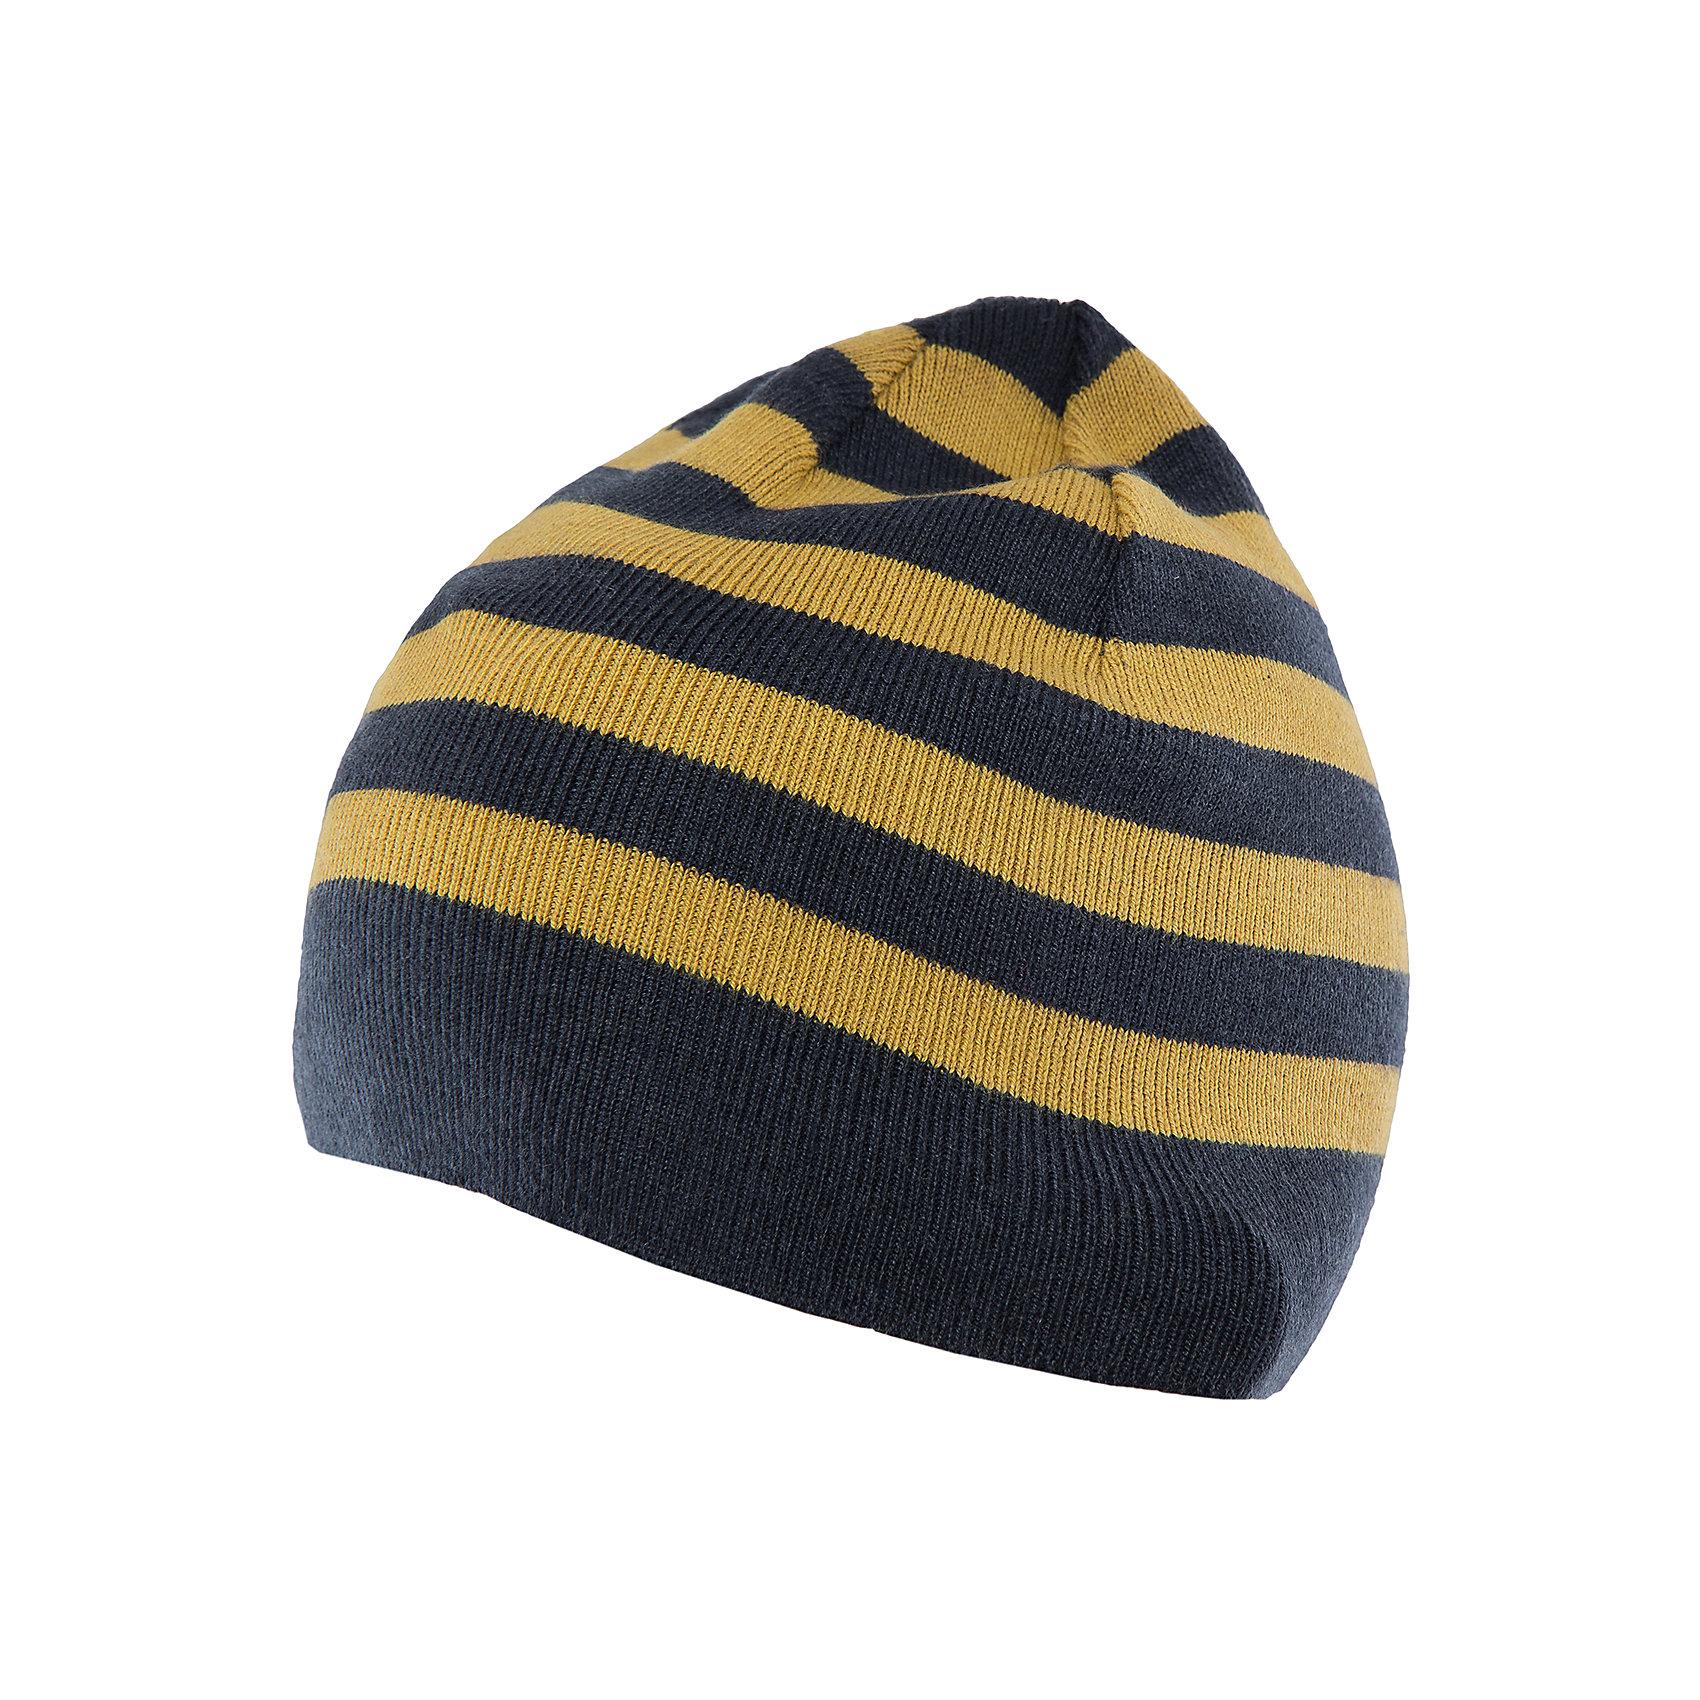 Шапка для мальчика SELAСимпатичная удобная шапка - незаменимая вещь в прохладное время года. Эта модель отлично сидит на ребенке, она сделана из плотного материала, позволяет гулять с комфортом на свежем воздухе зимой. Качественная пряжа не вызывает аллергии и обеспечивает ребенку комфорт. Модель будет уместна в различных сочетаниях.<br>Одежда от бренда Sela (Села) - это качество по приемлемым ценам. Многие российские родители уже оценили преимущества продукции этой компании и всё чаще приобретают одежду и аксессуары Sela.<br><br>Дополнительная информация:<br><br>цвет: разноцветный;<br>материал: 40% хлопок, 35% вискоза, 20% ПЭ, 5% шерсть;<br>вязаный узор.<br><br>Шапку для мальчика от бренда Sela можно купить в нашем интернет-магазине.<br><br>Ширина мм: 89<br>Глубина мм: 117<br>Высота мм: 44<br>Вес г: 155<br>Цвет: зеленый<br>Возраст от месяцев: 84<br>Возраст до месяцев: 120<br>Пол: Мужской<br>Возраст: Детский<br>Размер: 54-56,52-54<br>SKU: 4943990